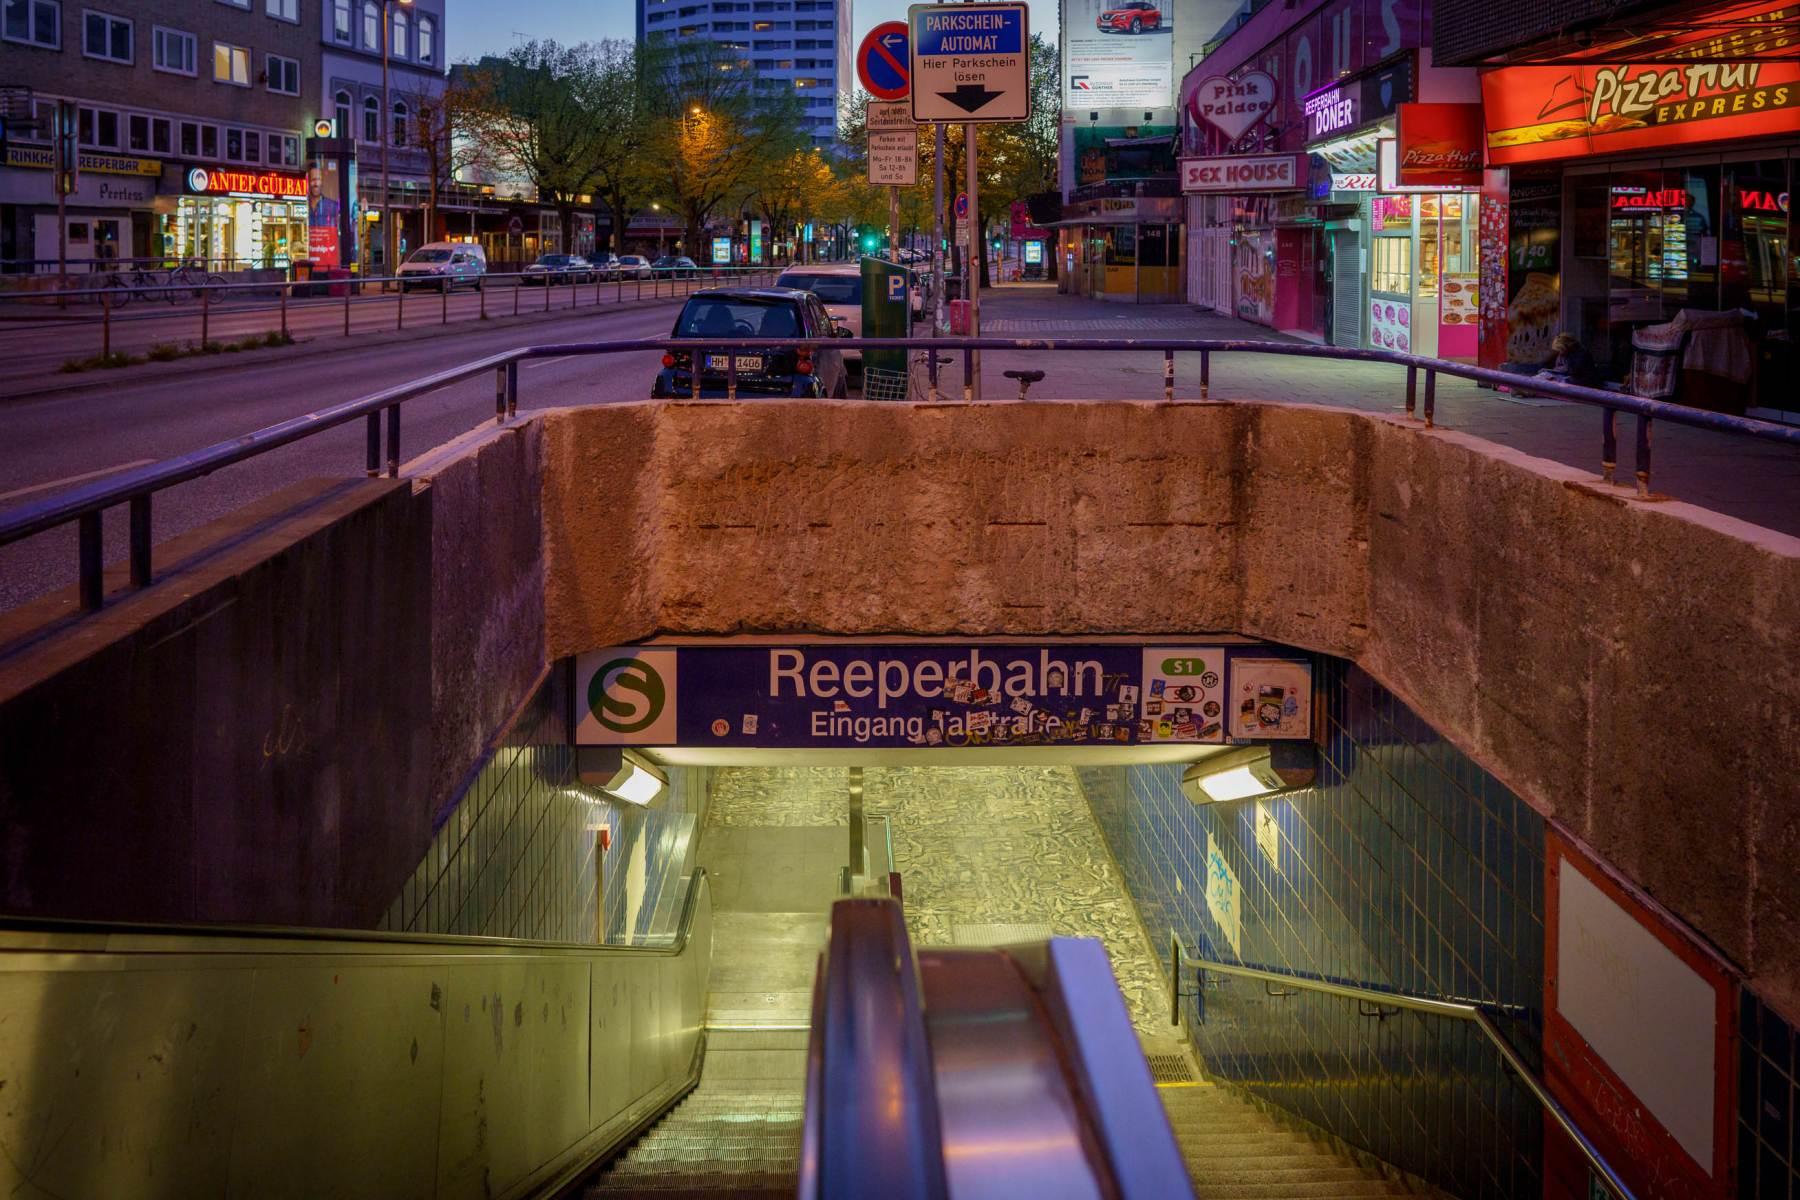 Reeperbahn S-Bahn